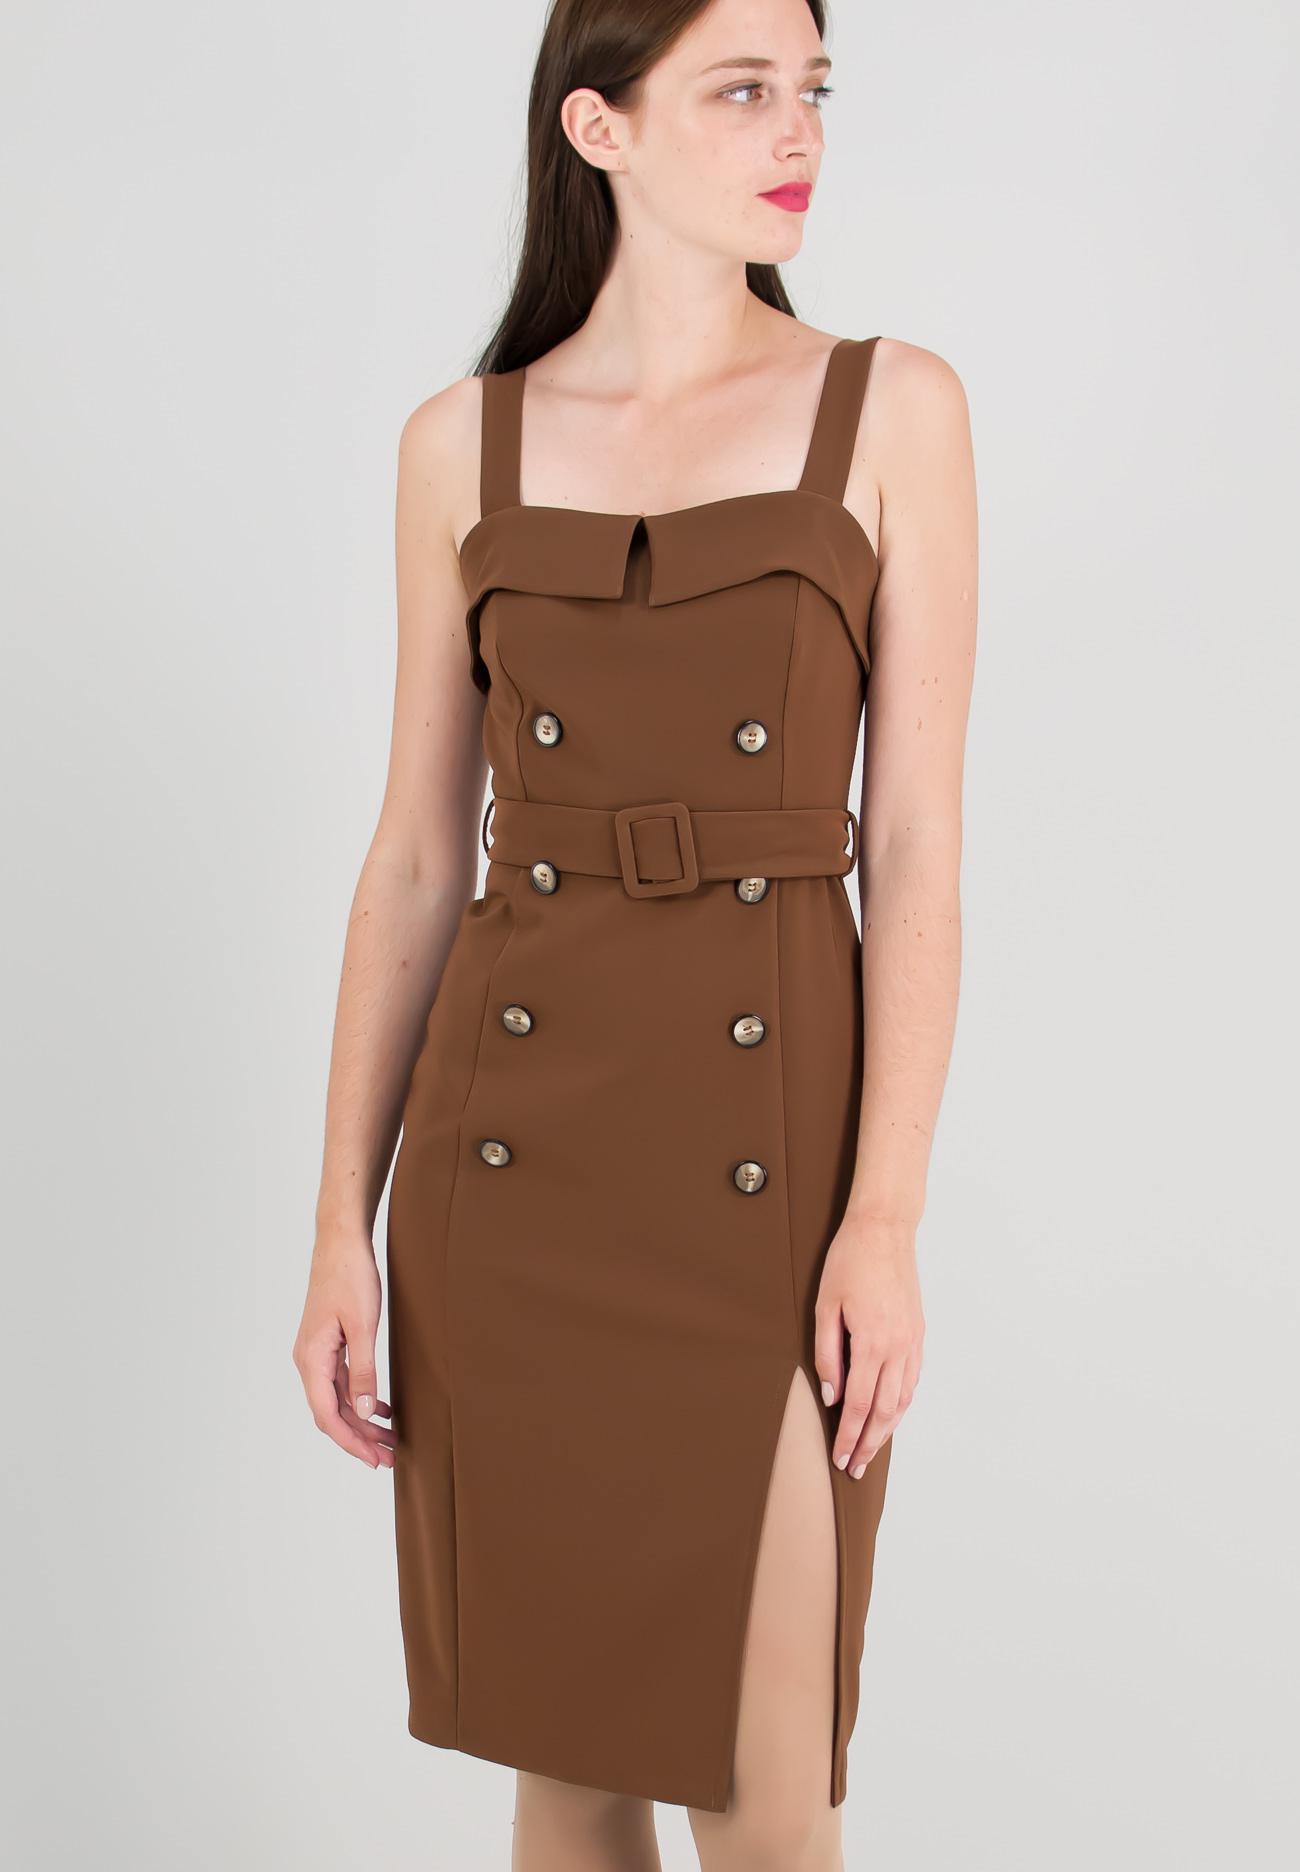 Μίνι φόρεμα με κουμπιά - ZIC ZAC e604f6a1040